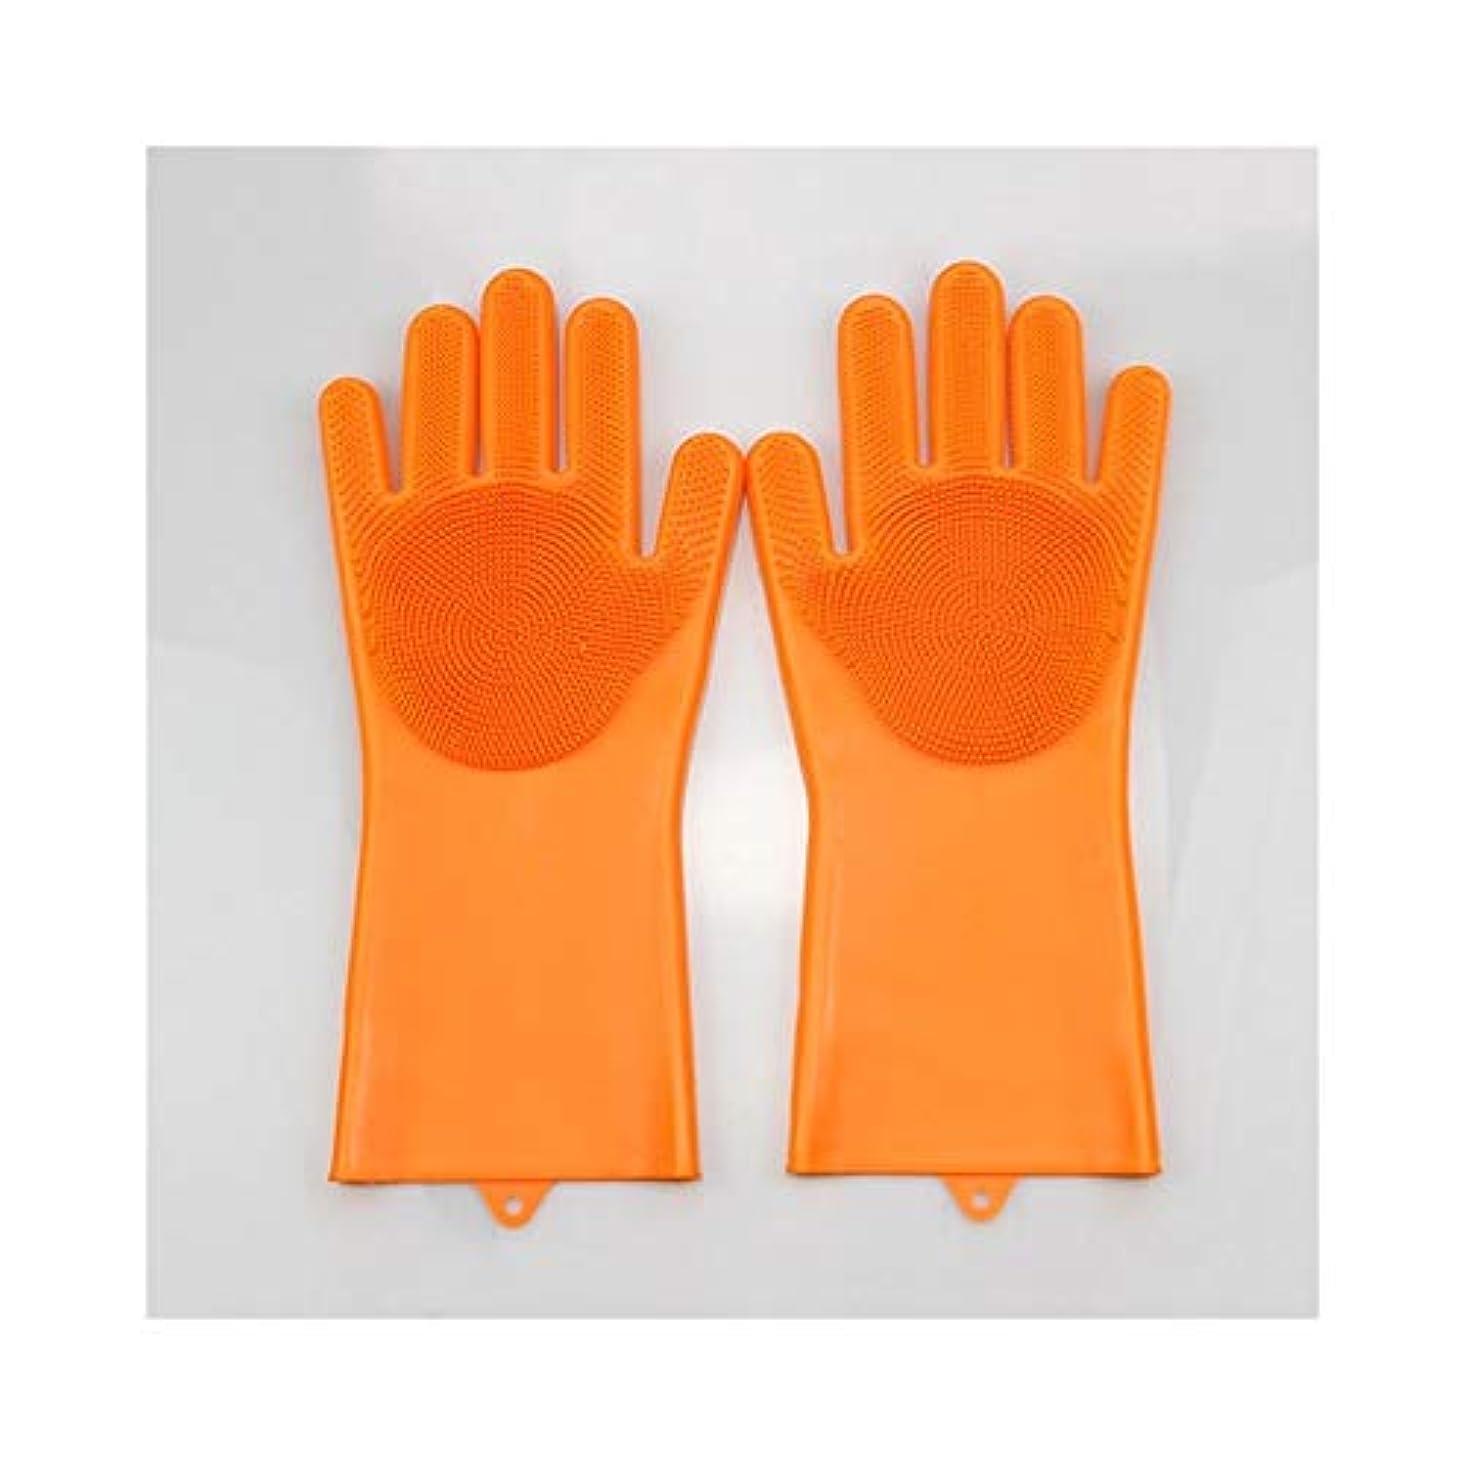 ルーキー些細歯車BTXXYJP キッチン用手袋 手袋 掃除用 ロング 耐摩耗 食器洗い 作業 掃除 炊事 食器洗い 園芸 洗車 防水 手袋 (Color : Orange, Size : L)